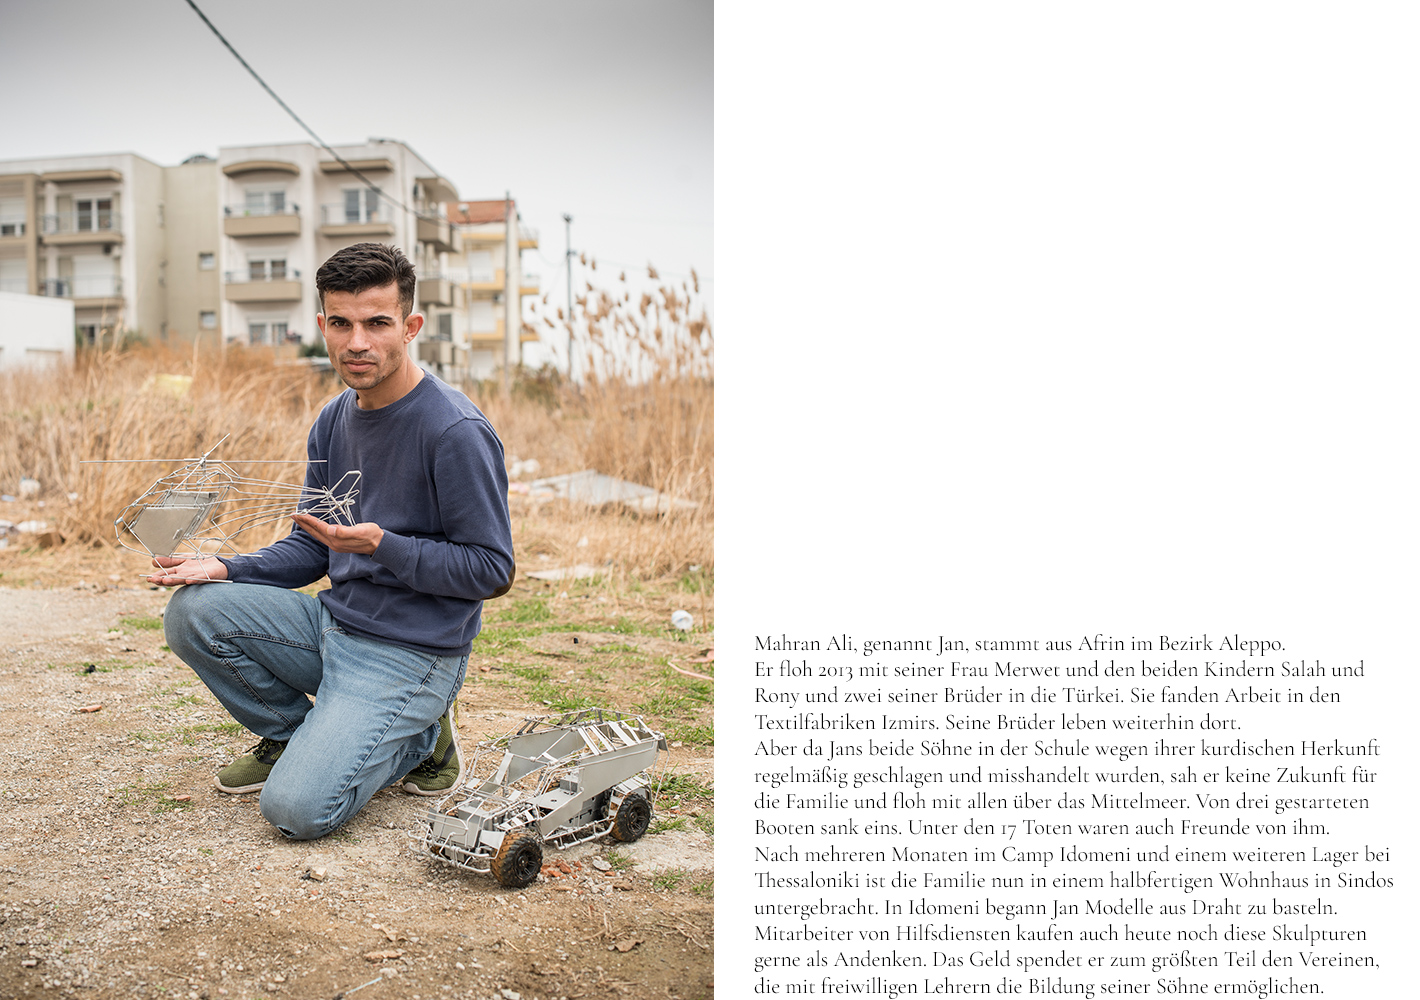 thessaloniki_refugee_syrienkrieg_matthias_jung_07